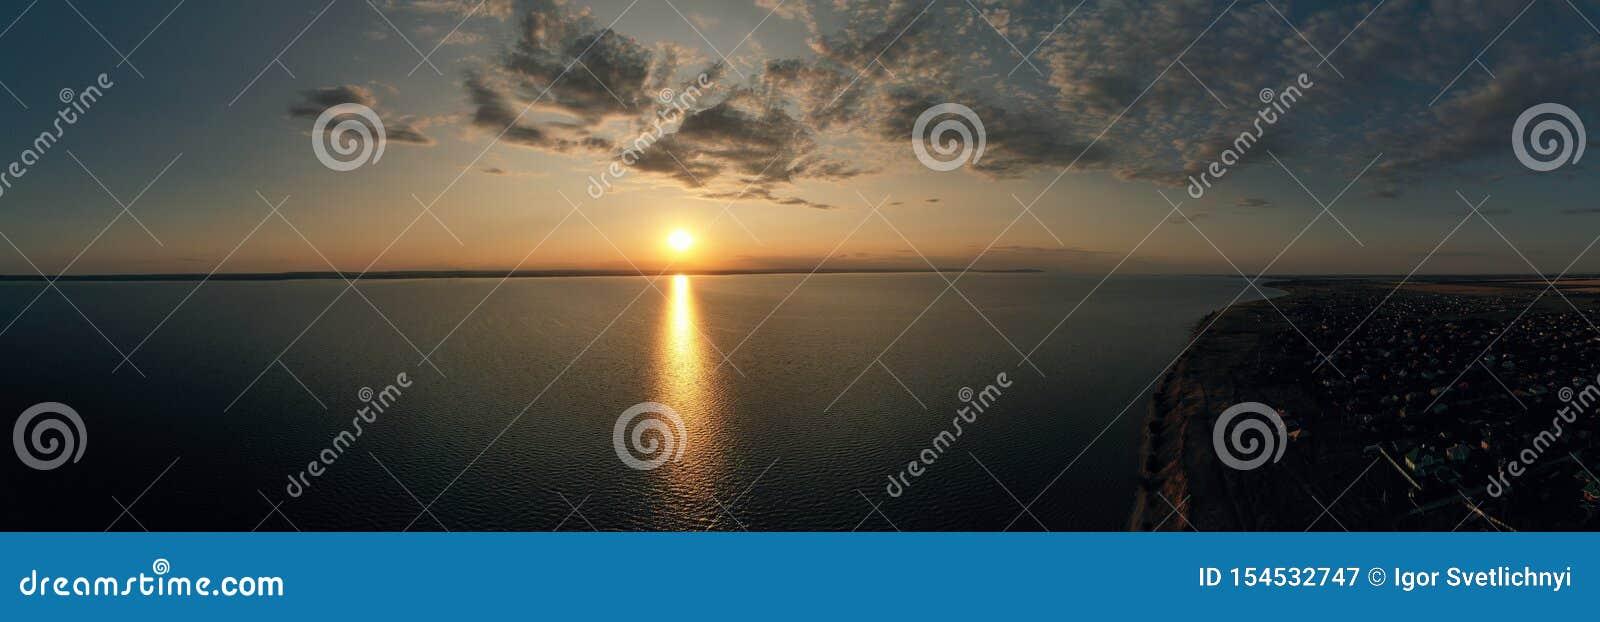 Воздушный панорамный вид красивого ландшафта природы с драматическим небом захода солнца облаков и взгляды поверхности моря